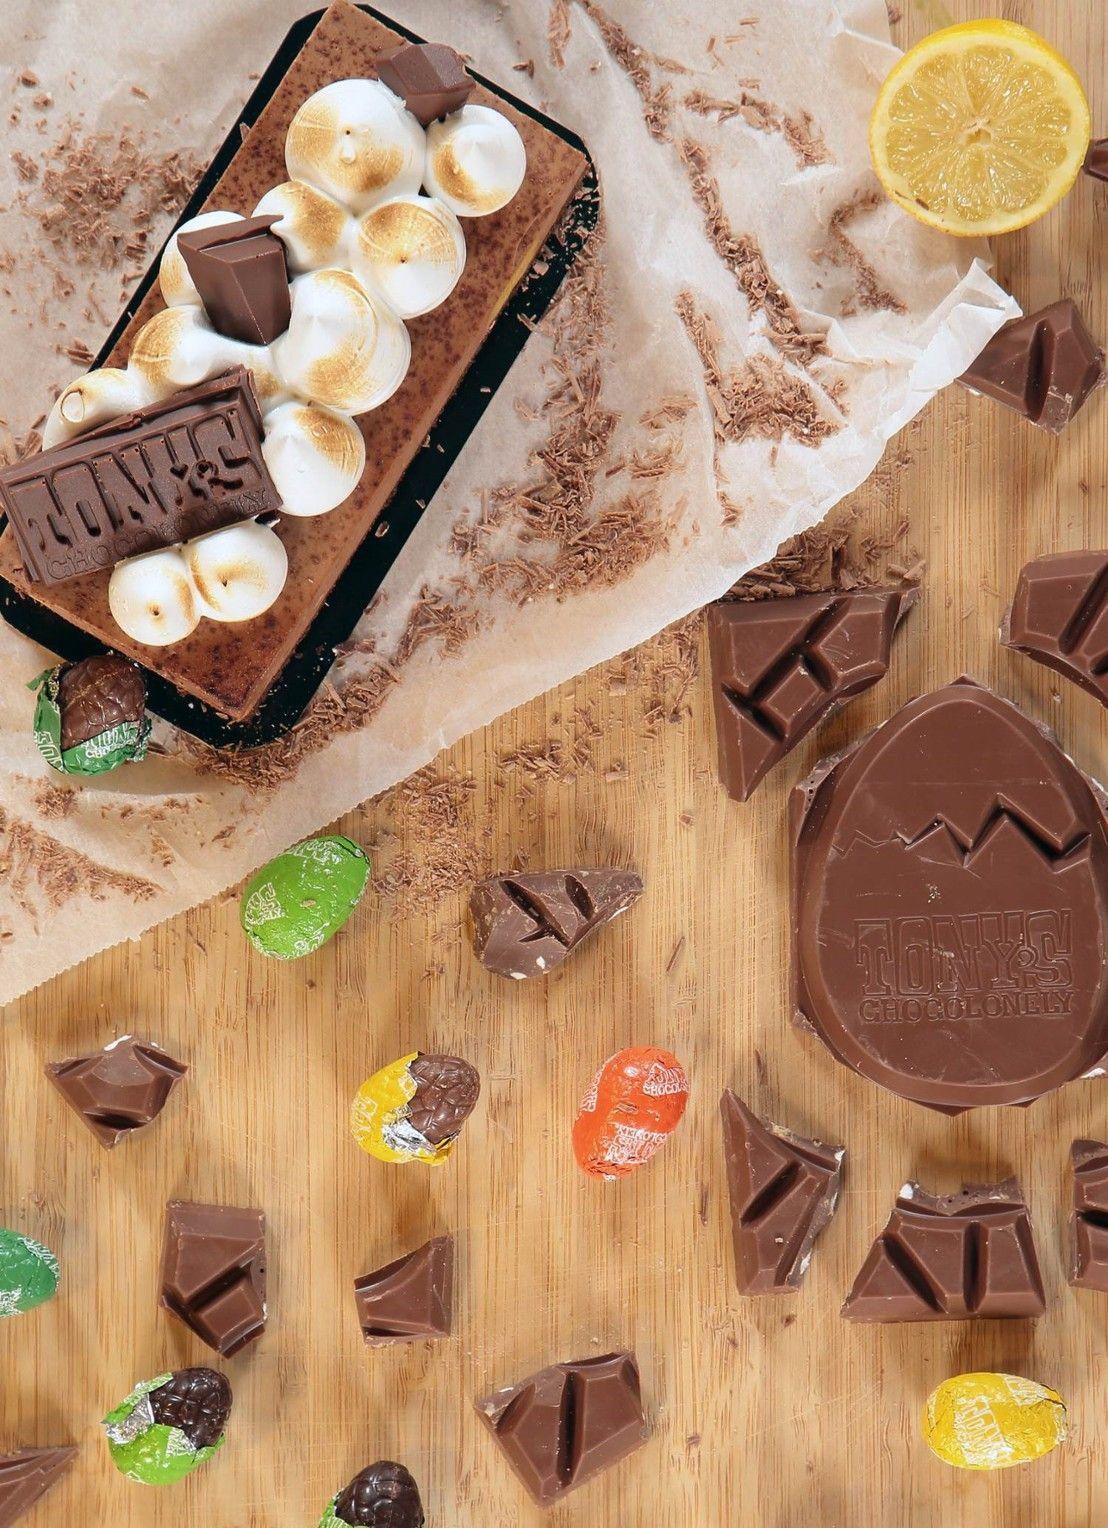 de Bijenkorf Tony's Chocolonely Meringue Citroen taart • de Bijenkorf